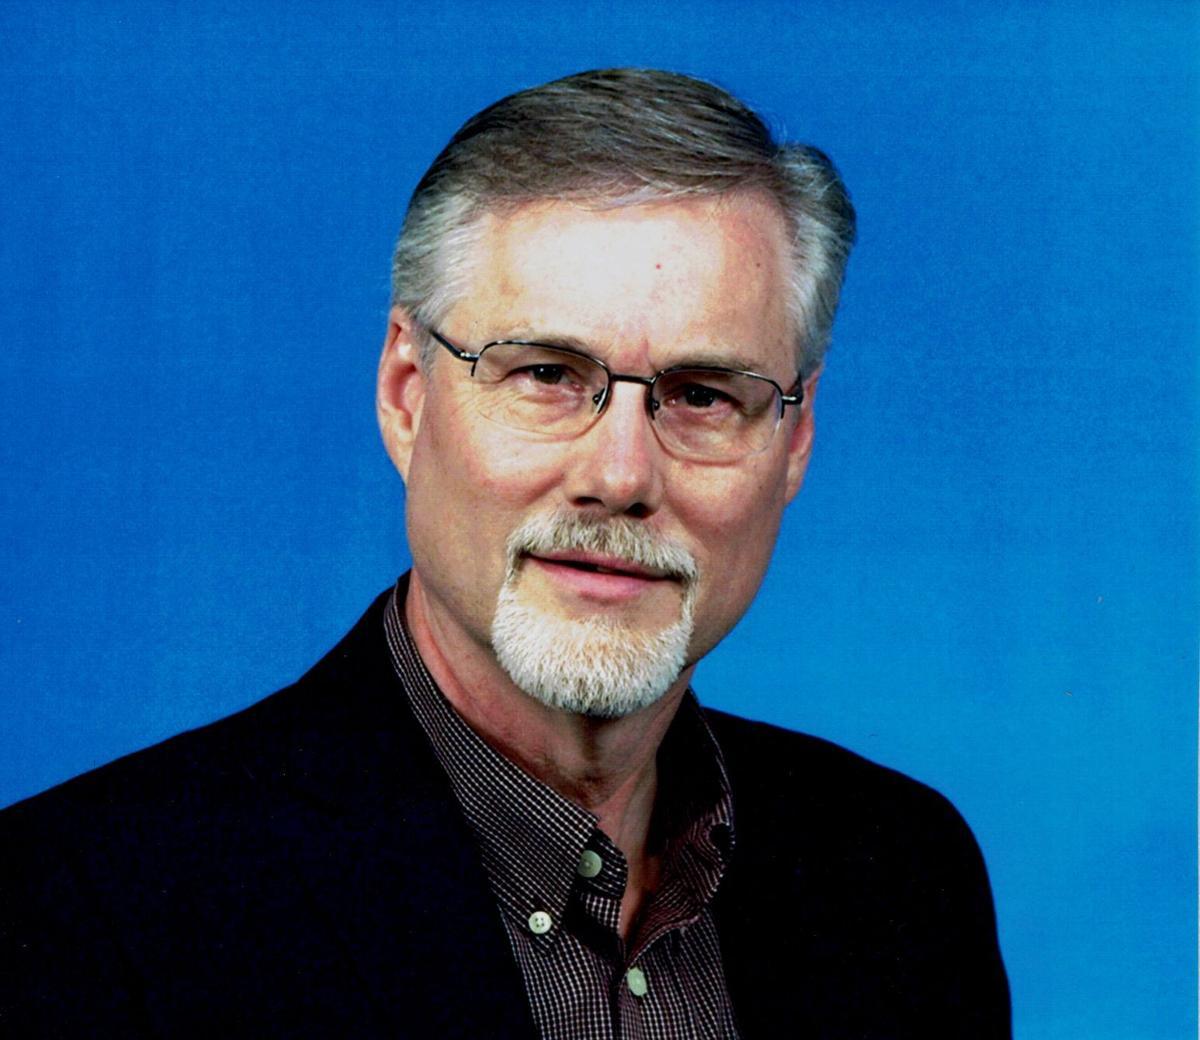 The Rev. Steve Larson